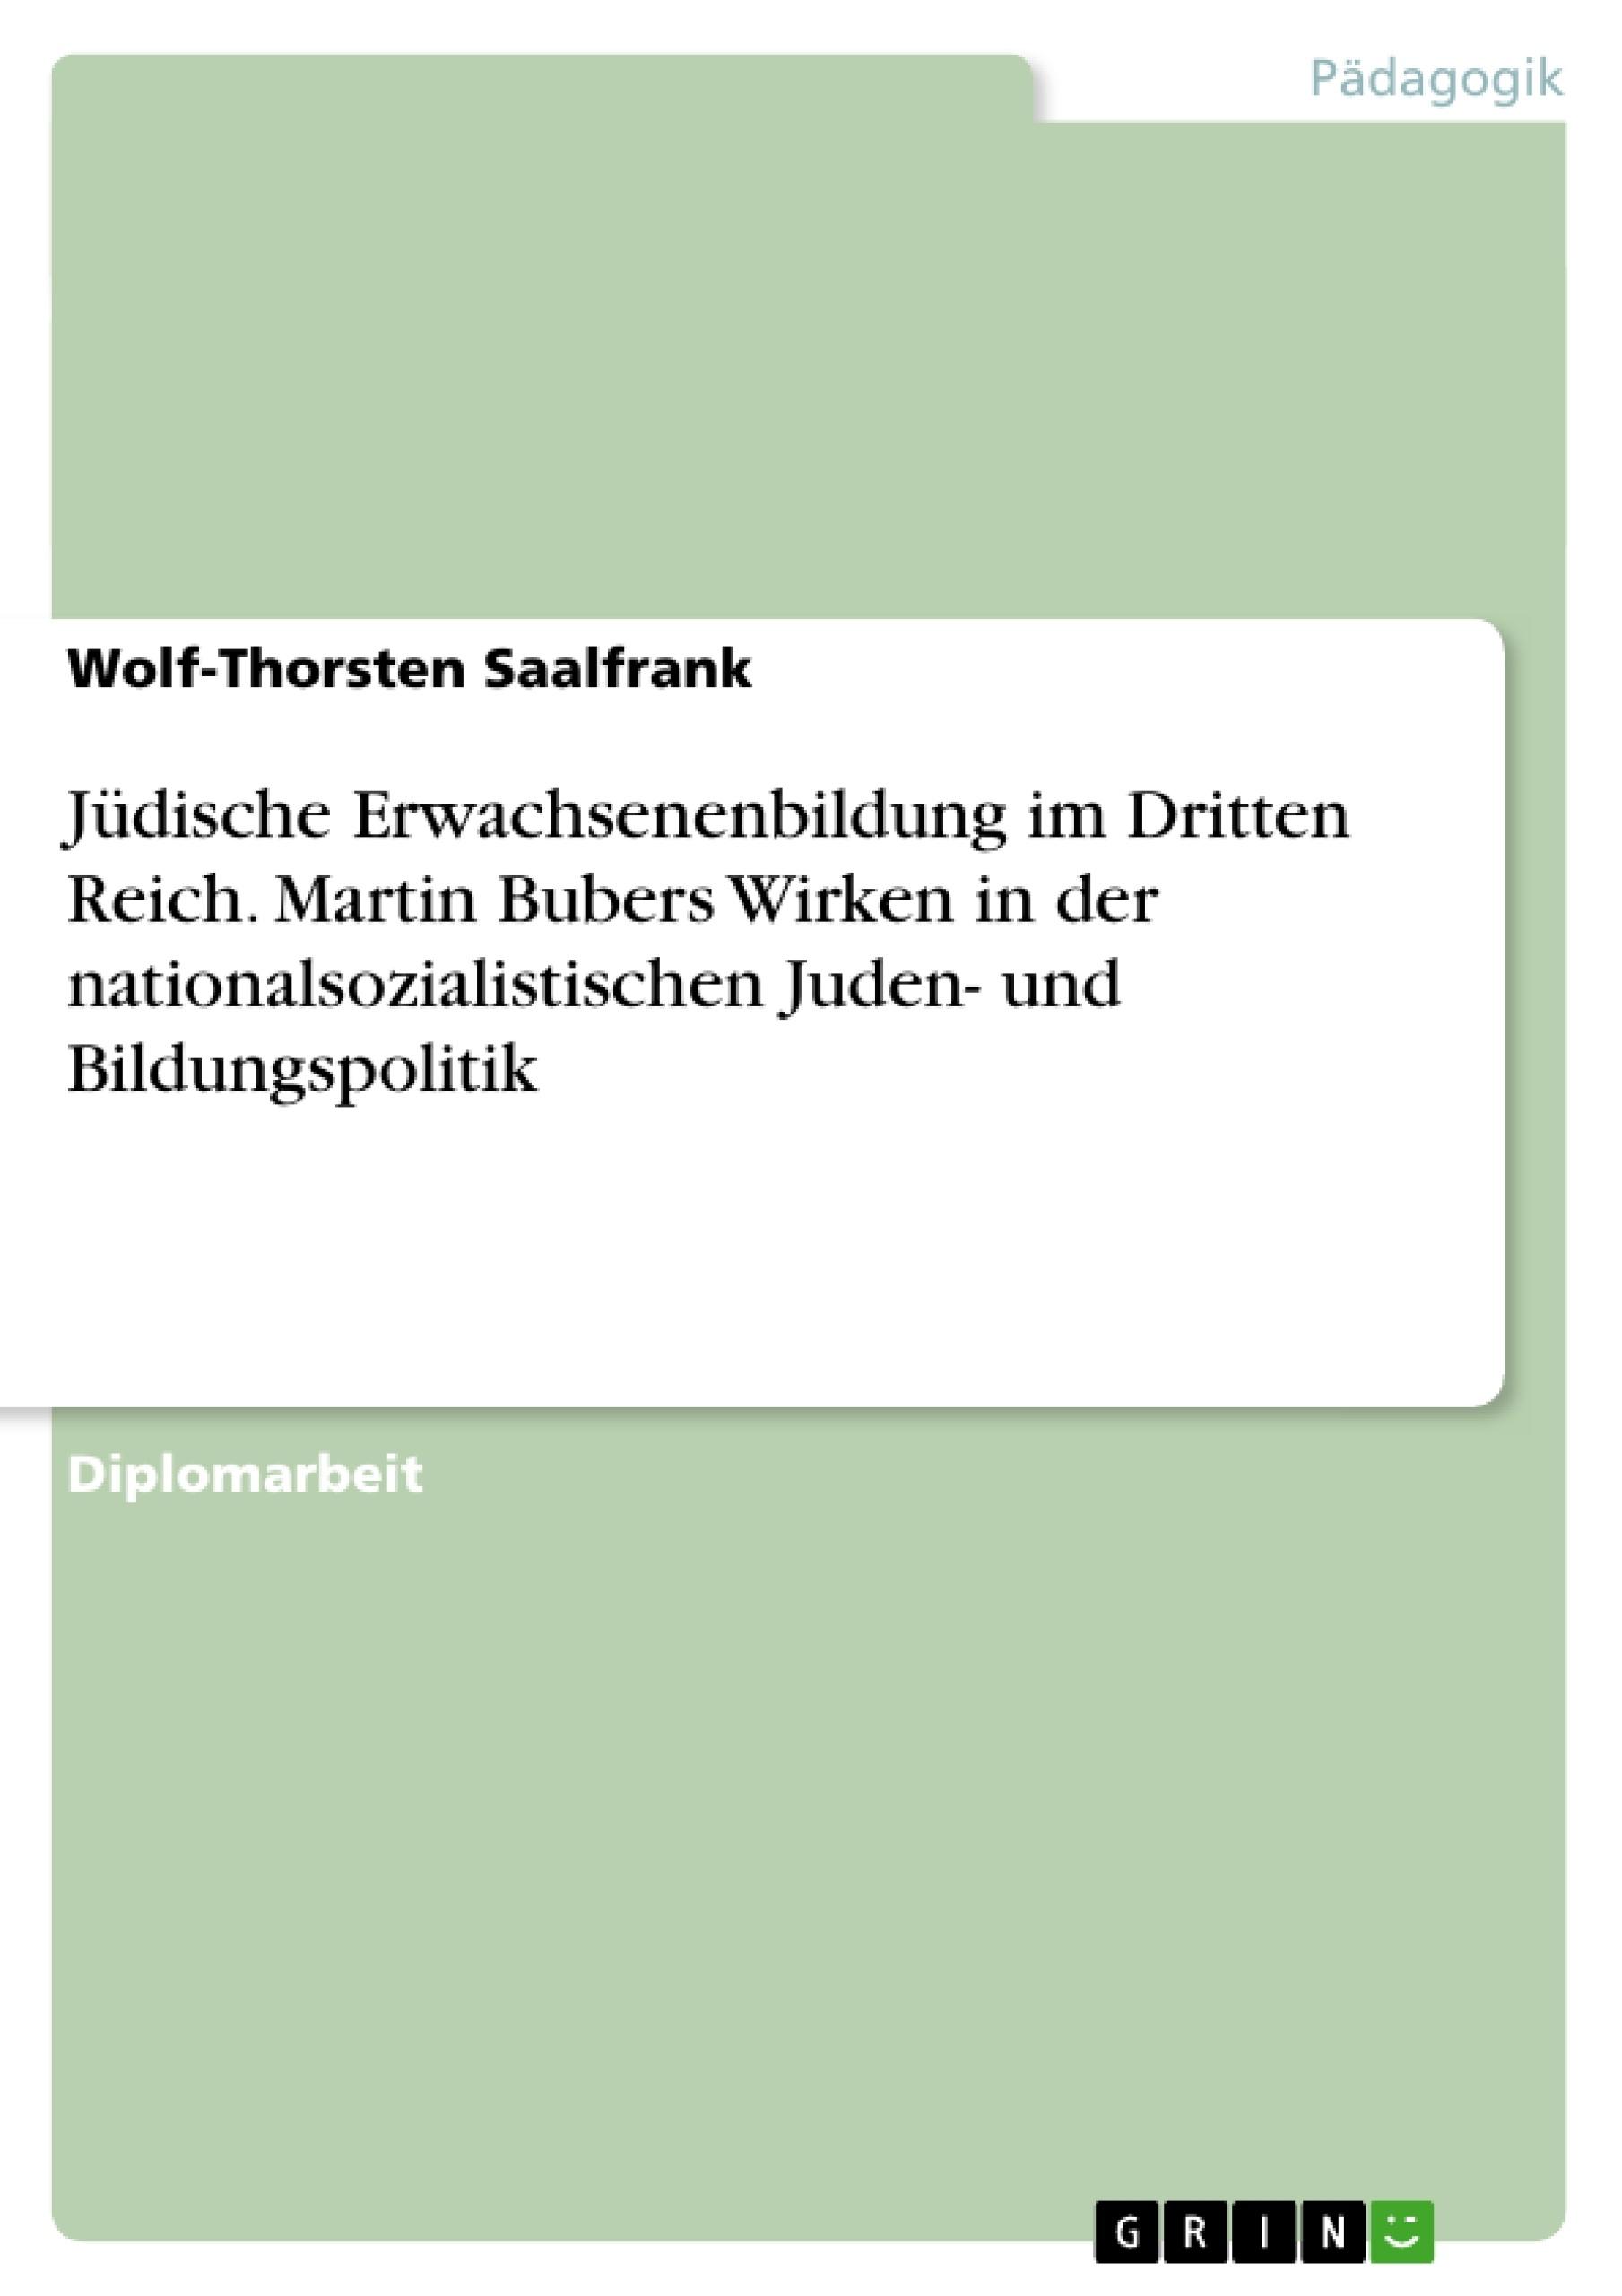 Titel: Jüdische Erwachsenenbildung im Dritten Reich. Martin Bubers Wirken in der nationalsozialistischen Juden- und Bildungspolitik